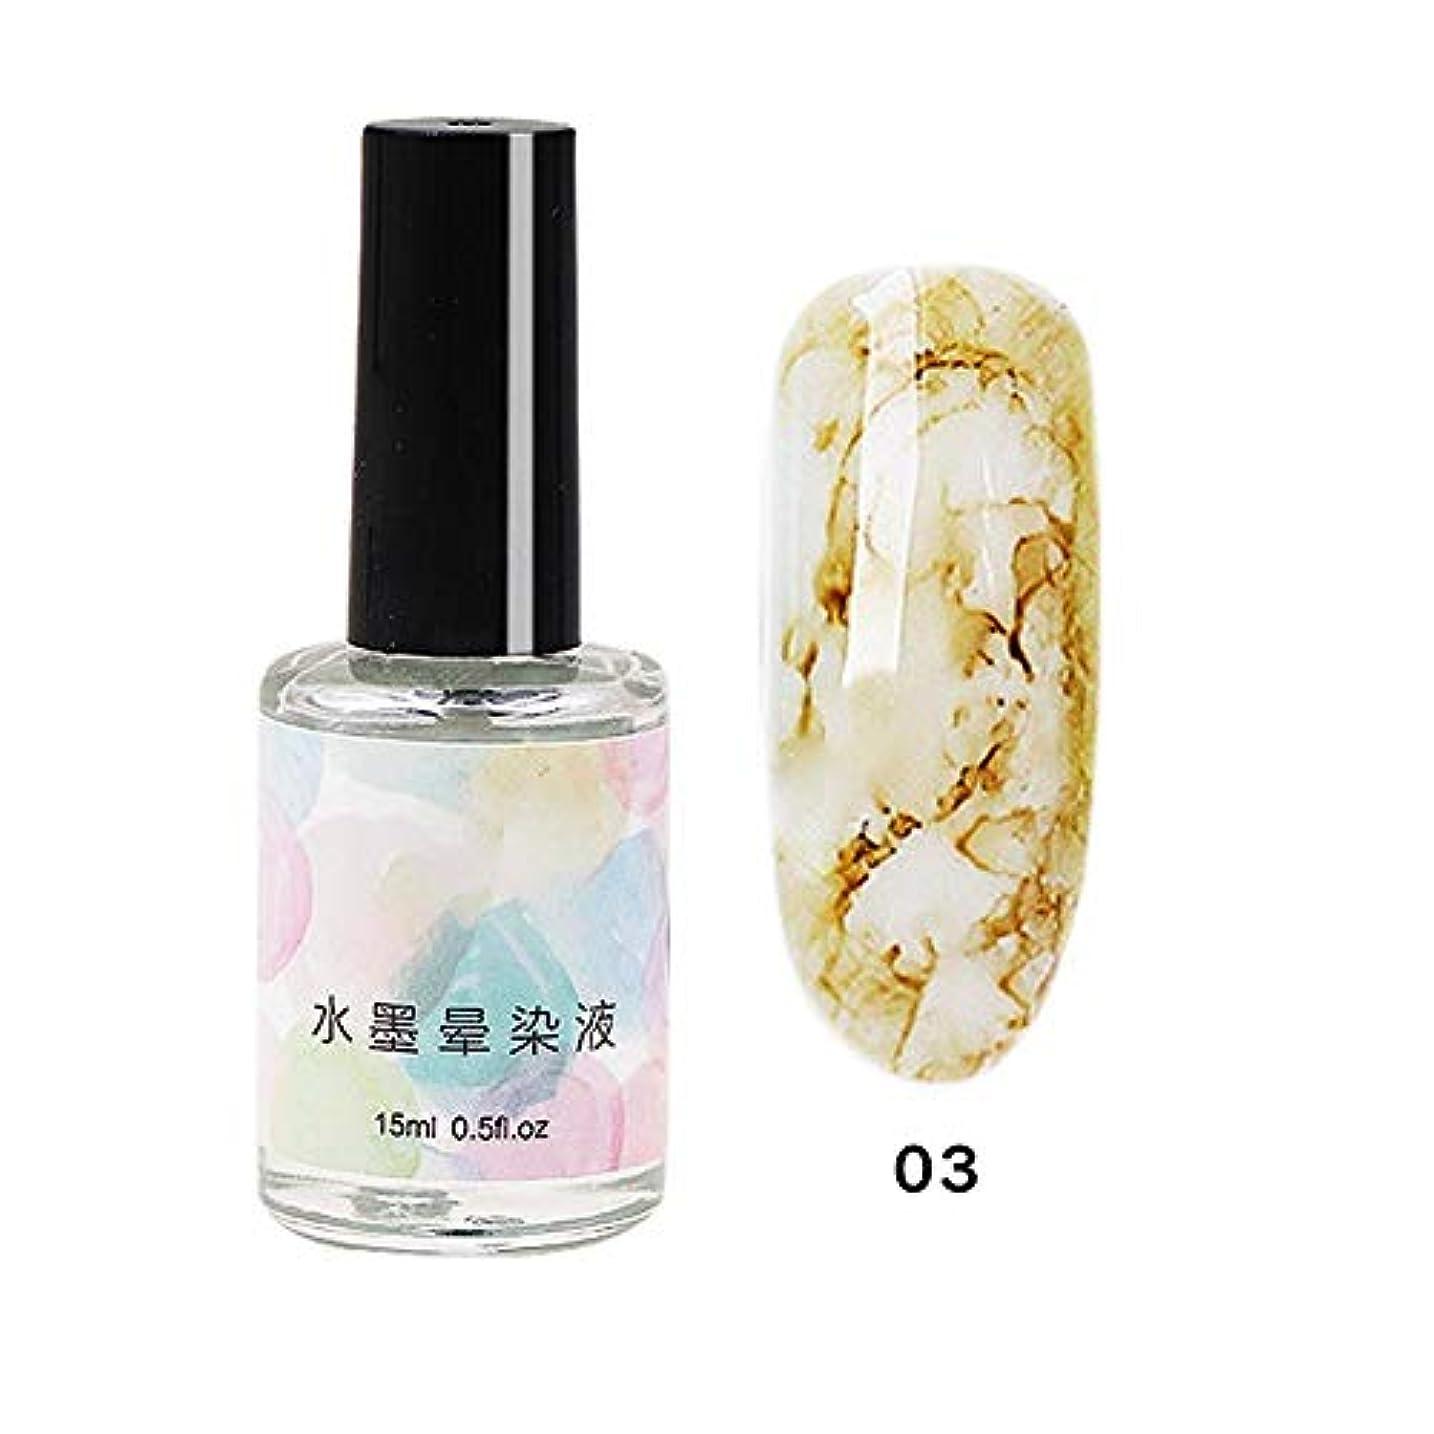 魅力的休日アクセサリー11色選べる ネイルポリッシュ マニキュア ネイルアート 美しい 水墨柄 ネイルカラー 液体 爪に塗って乾かす 初心者でも簡単に使用できる junexi